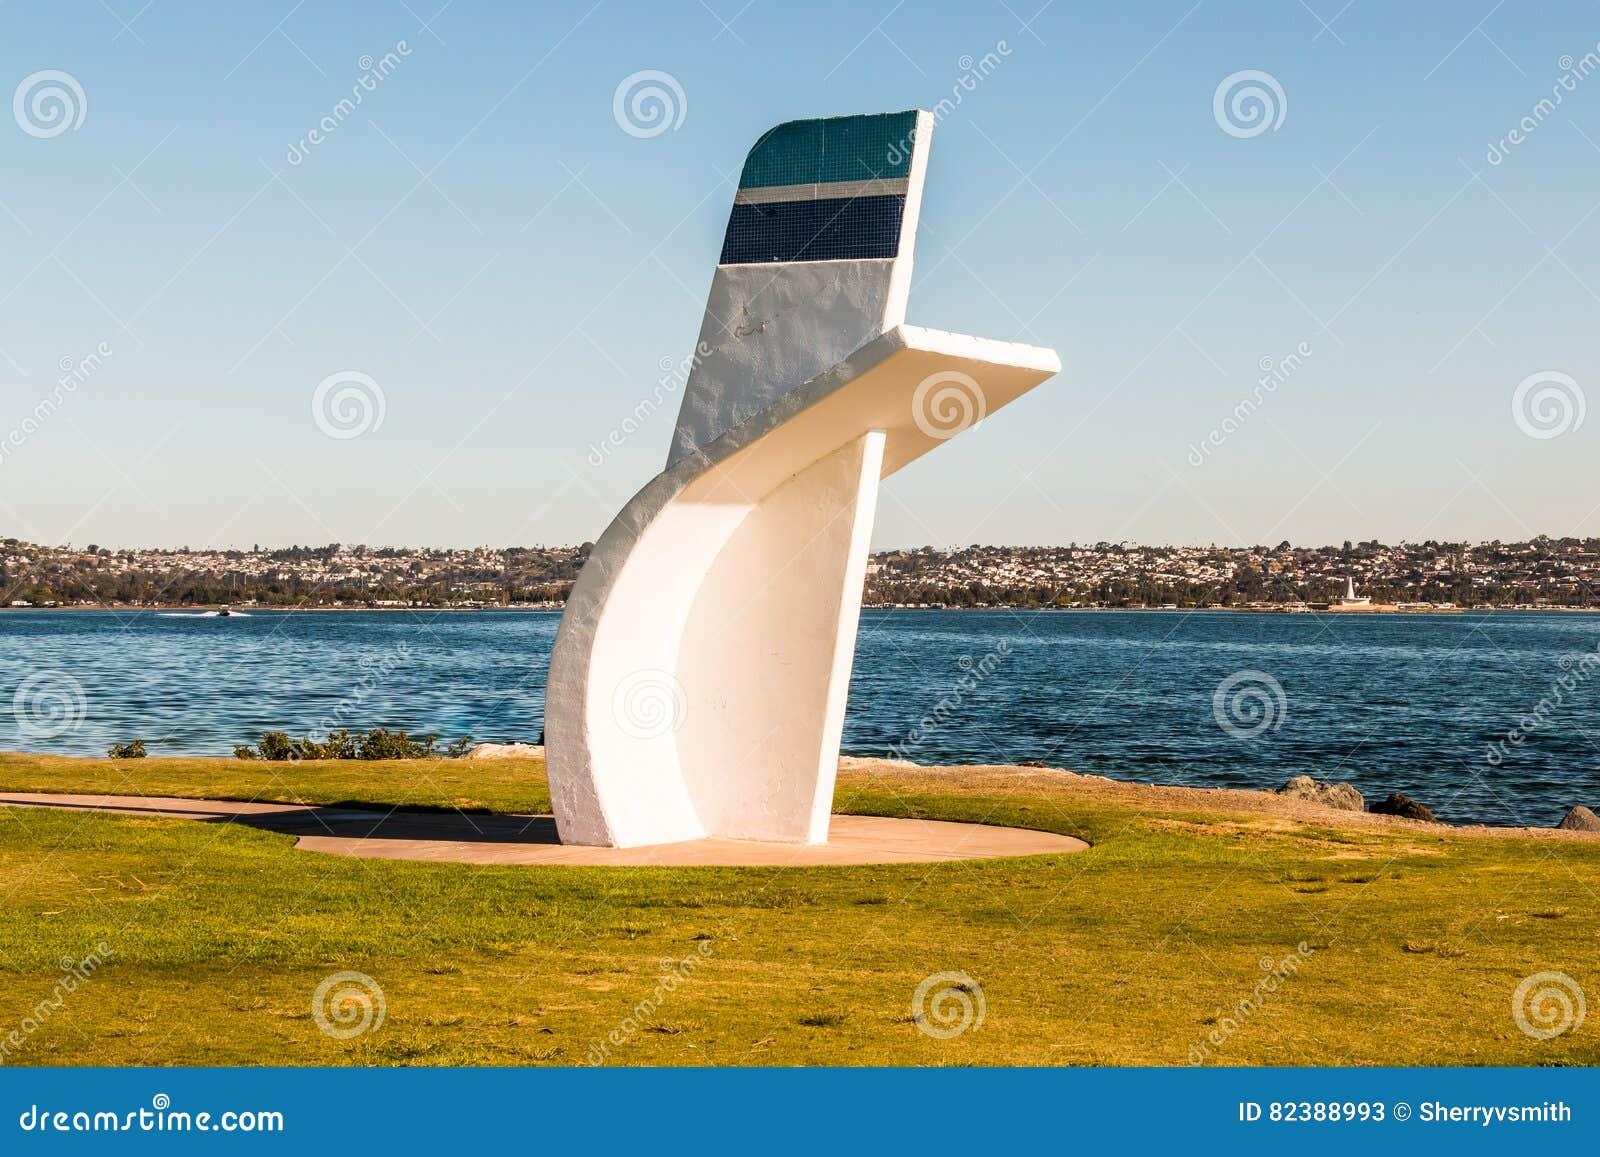 Hydroplane Legend, Bill Muncey, Memorial in San Diego